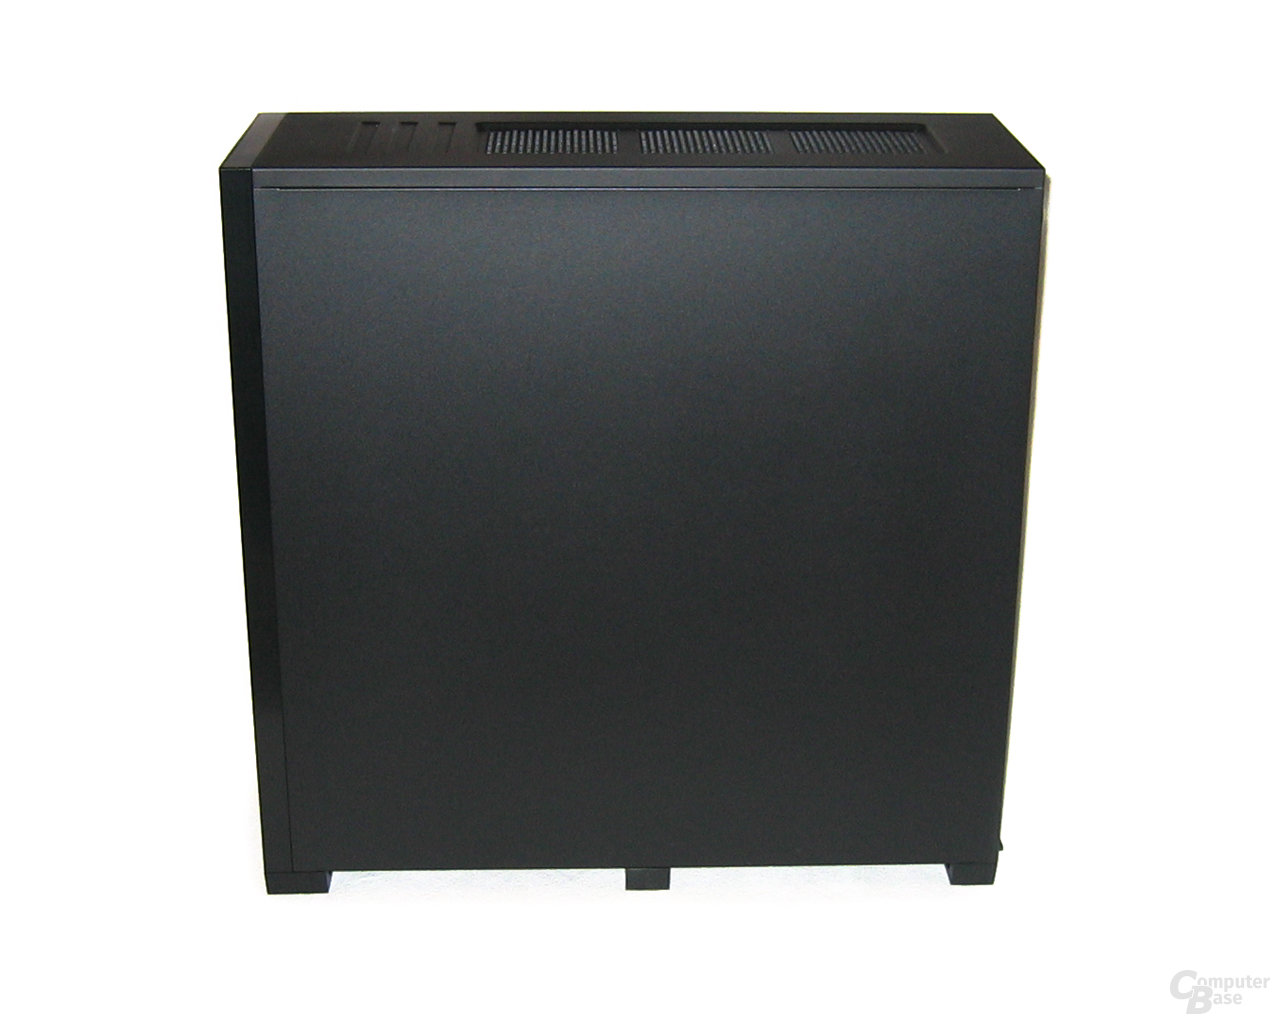 Corsair Obsidian 800D – Seitenansicht rechts